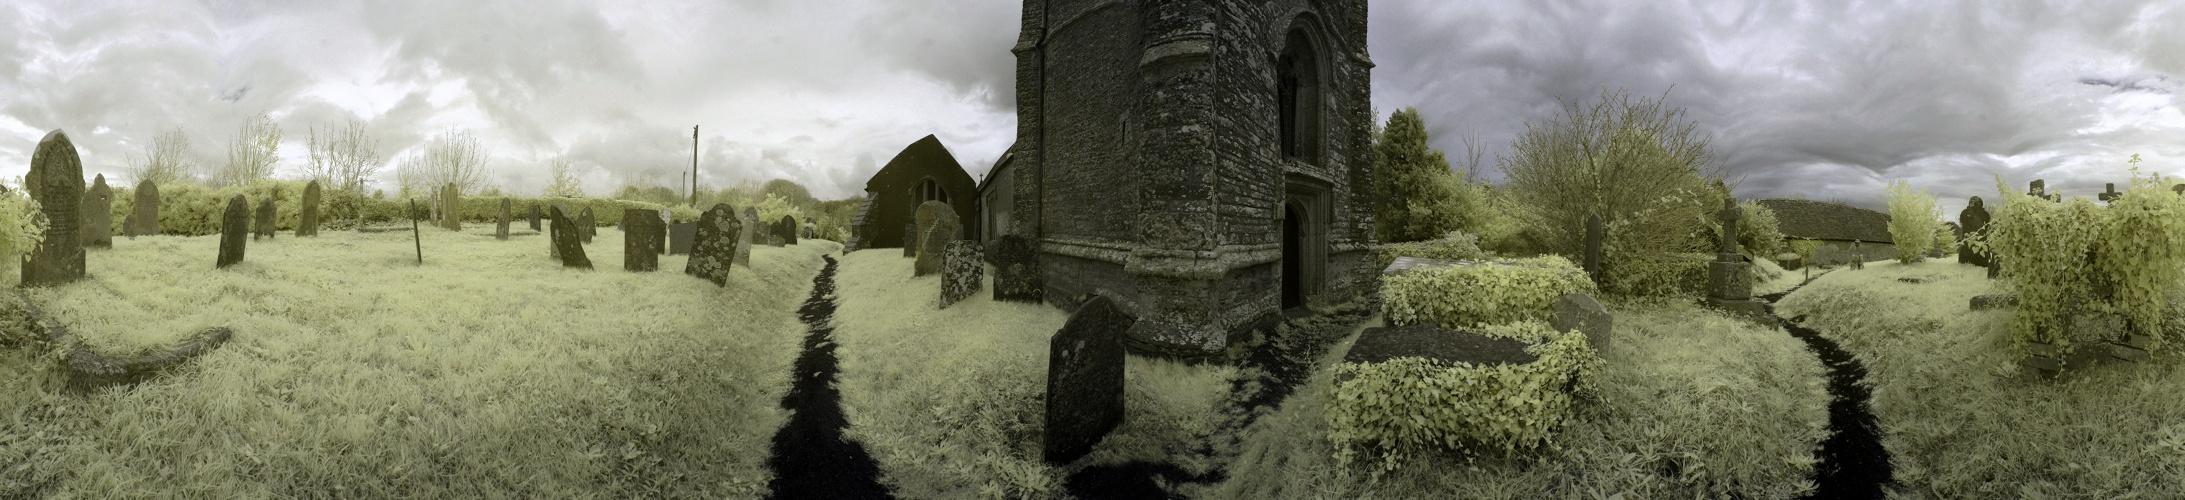 Churchyard St. Ildierna